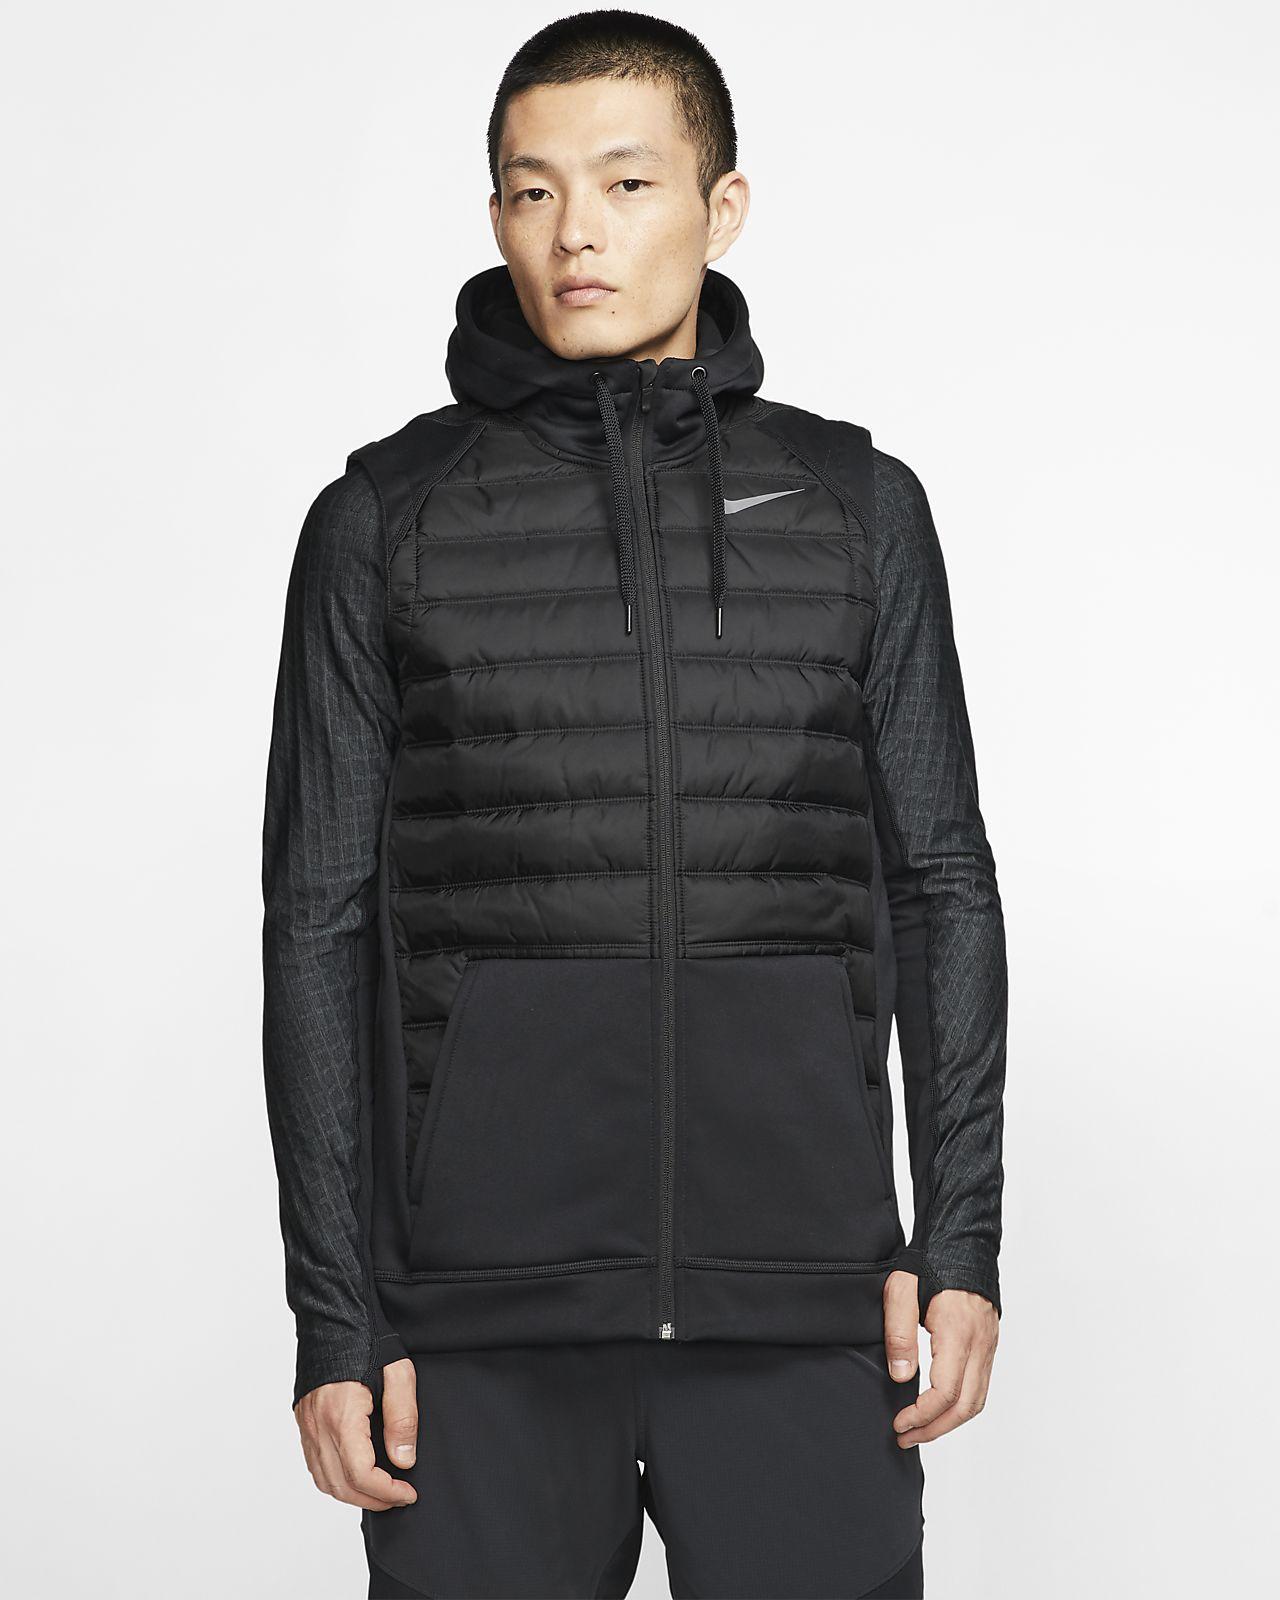 Nike Therma winterfeste Trainings-Weste mit durchgehendem Reißverschluss für Herren